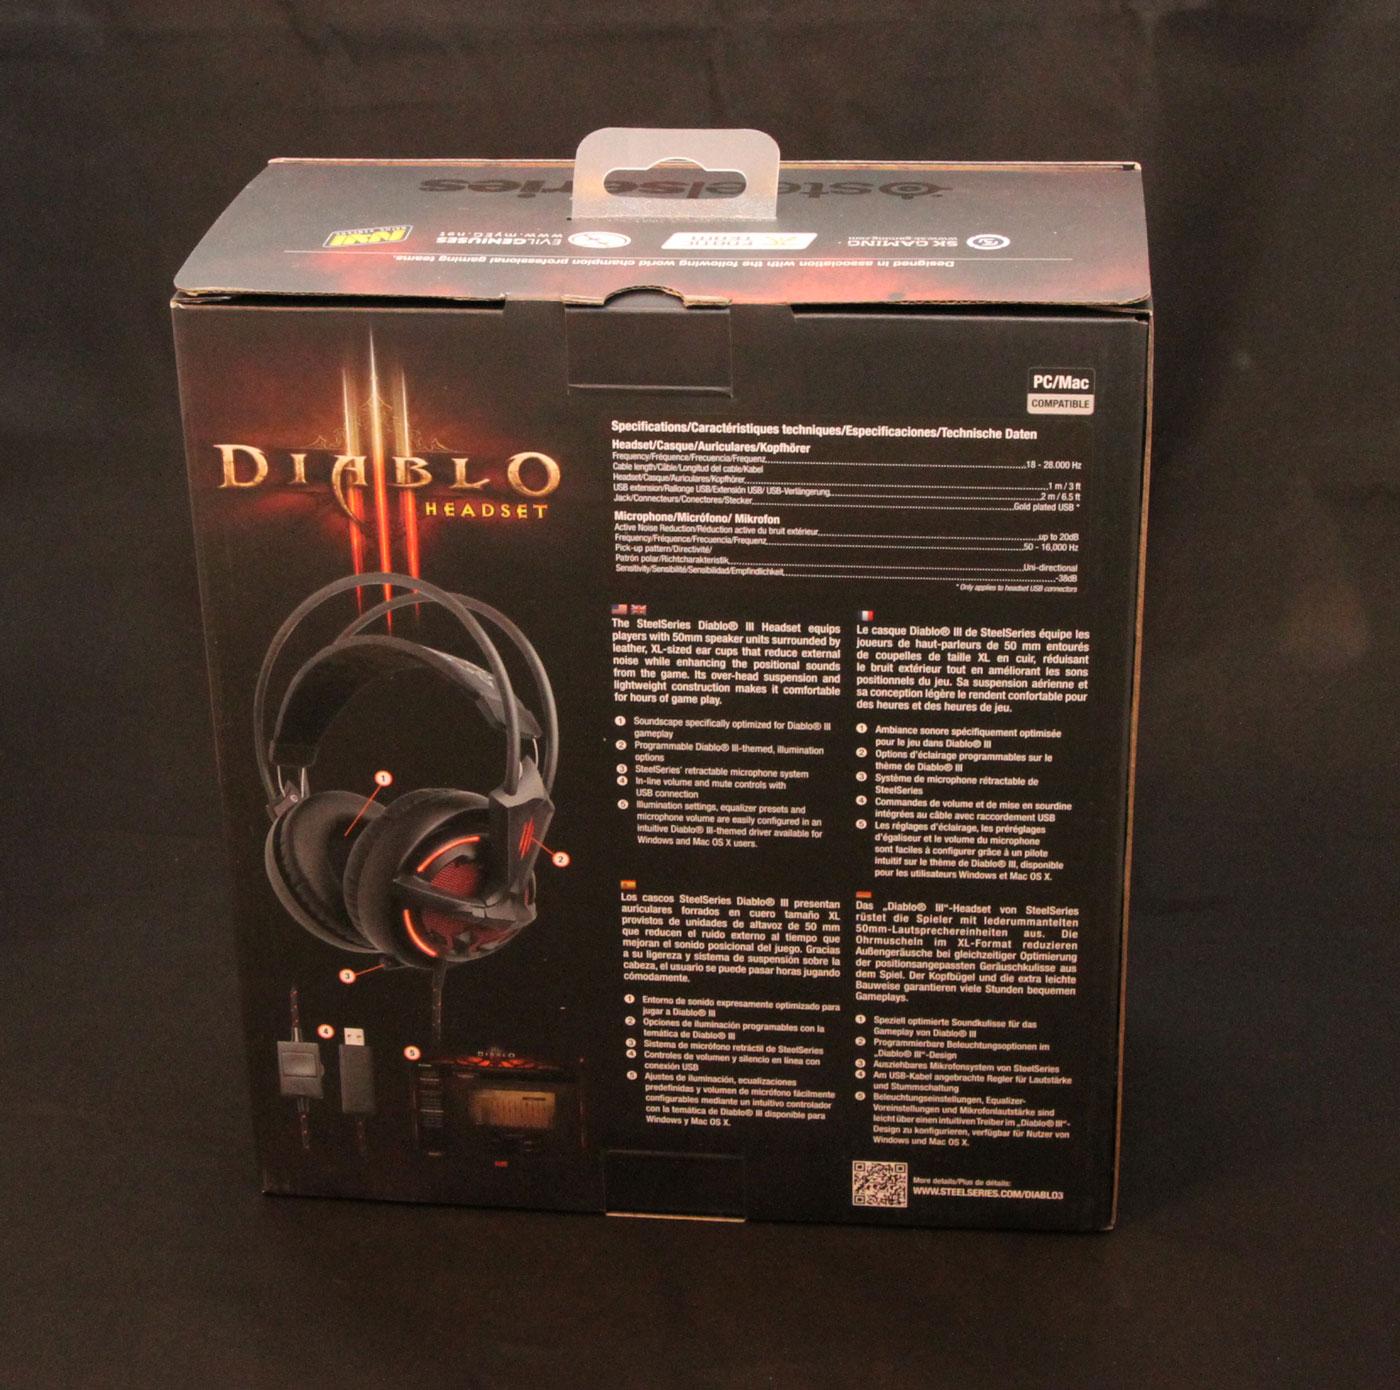 Casque micro Steelseries Diablo III.